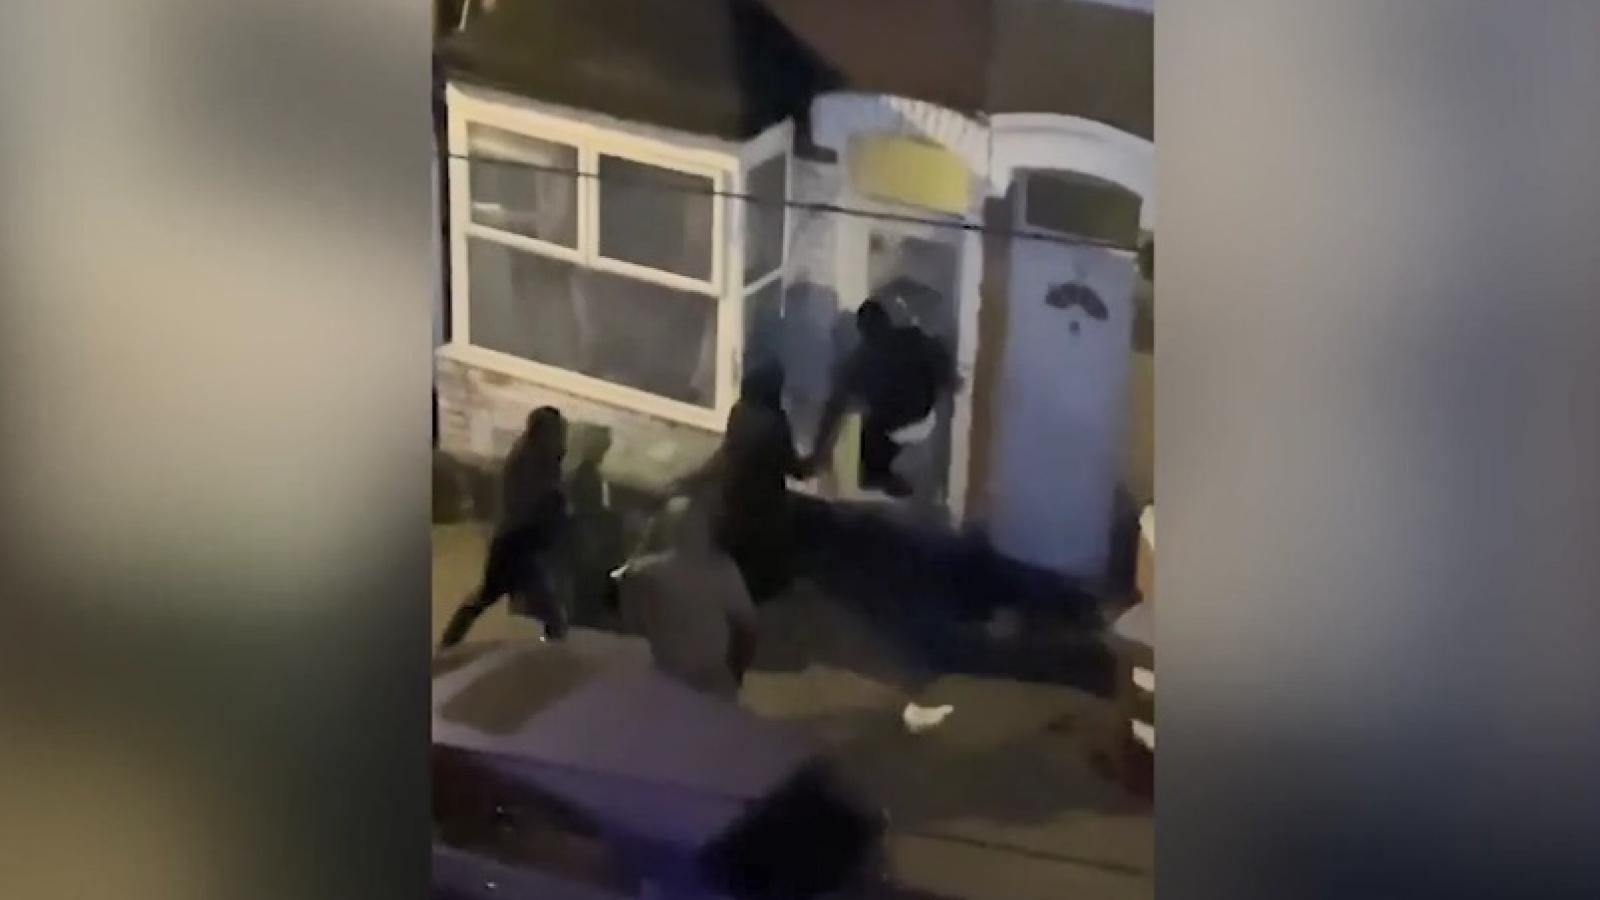 Kinh hoàng cảnh bọn cướp phá cửa, tấn công chủ nhà để cướp cây cần sa